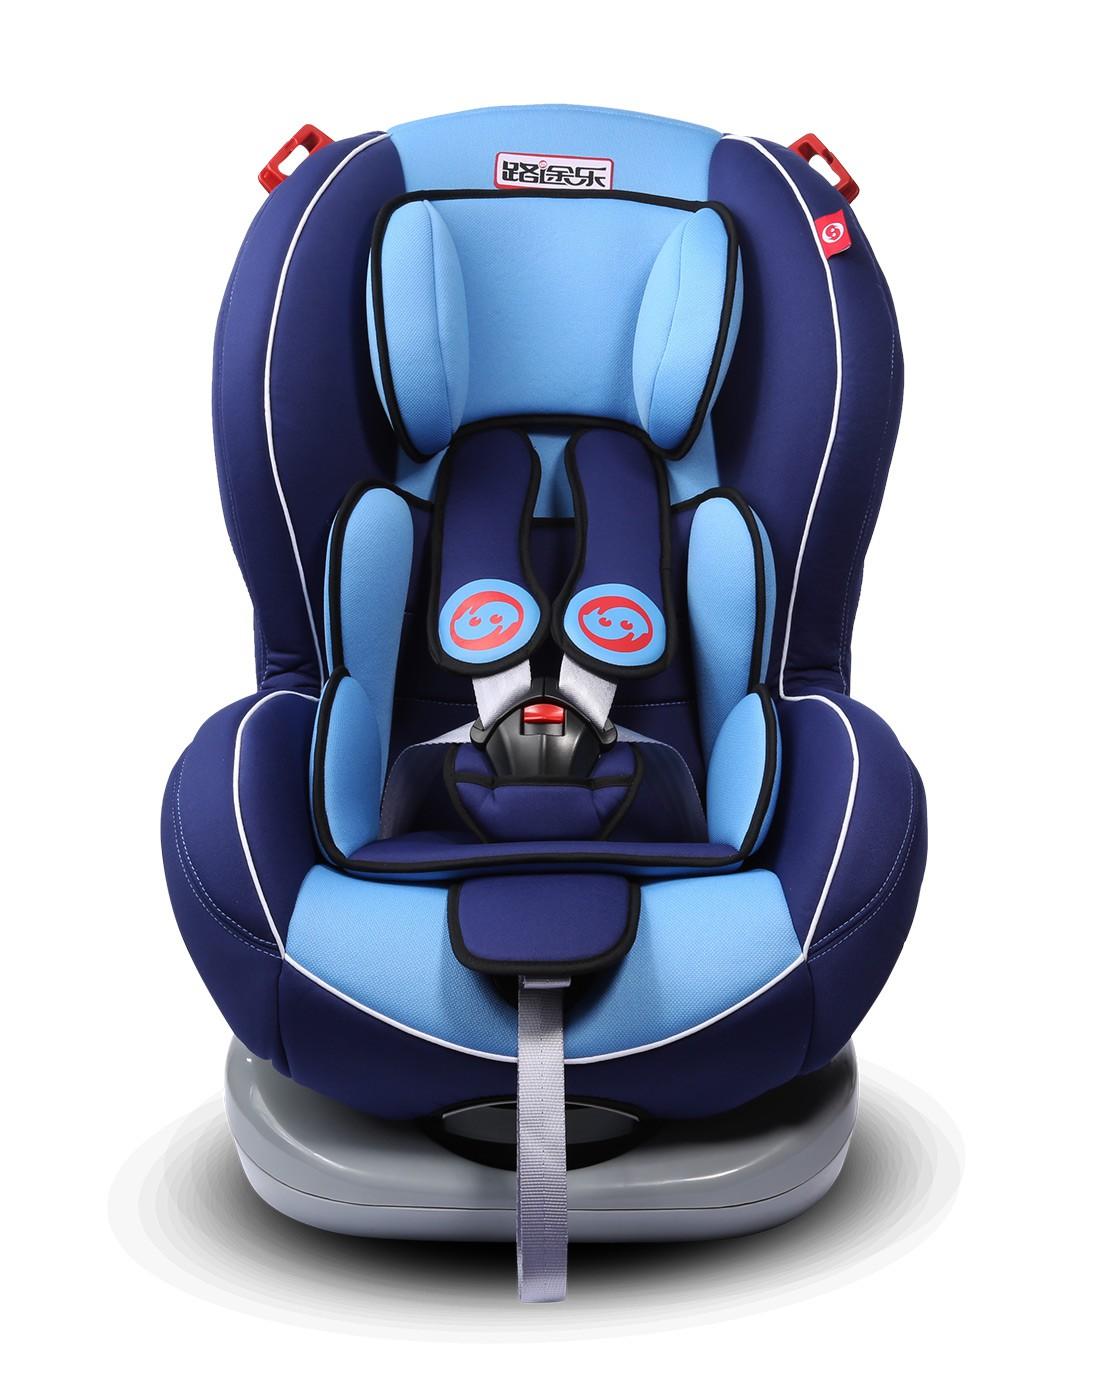 路途乐儿童座椅哈哈象s款汽车儿童安全座椅约0-6岁 竖